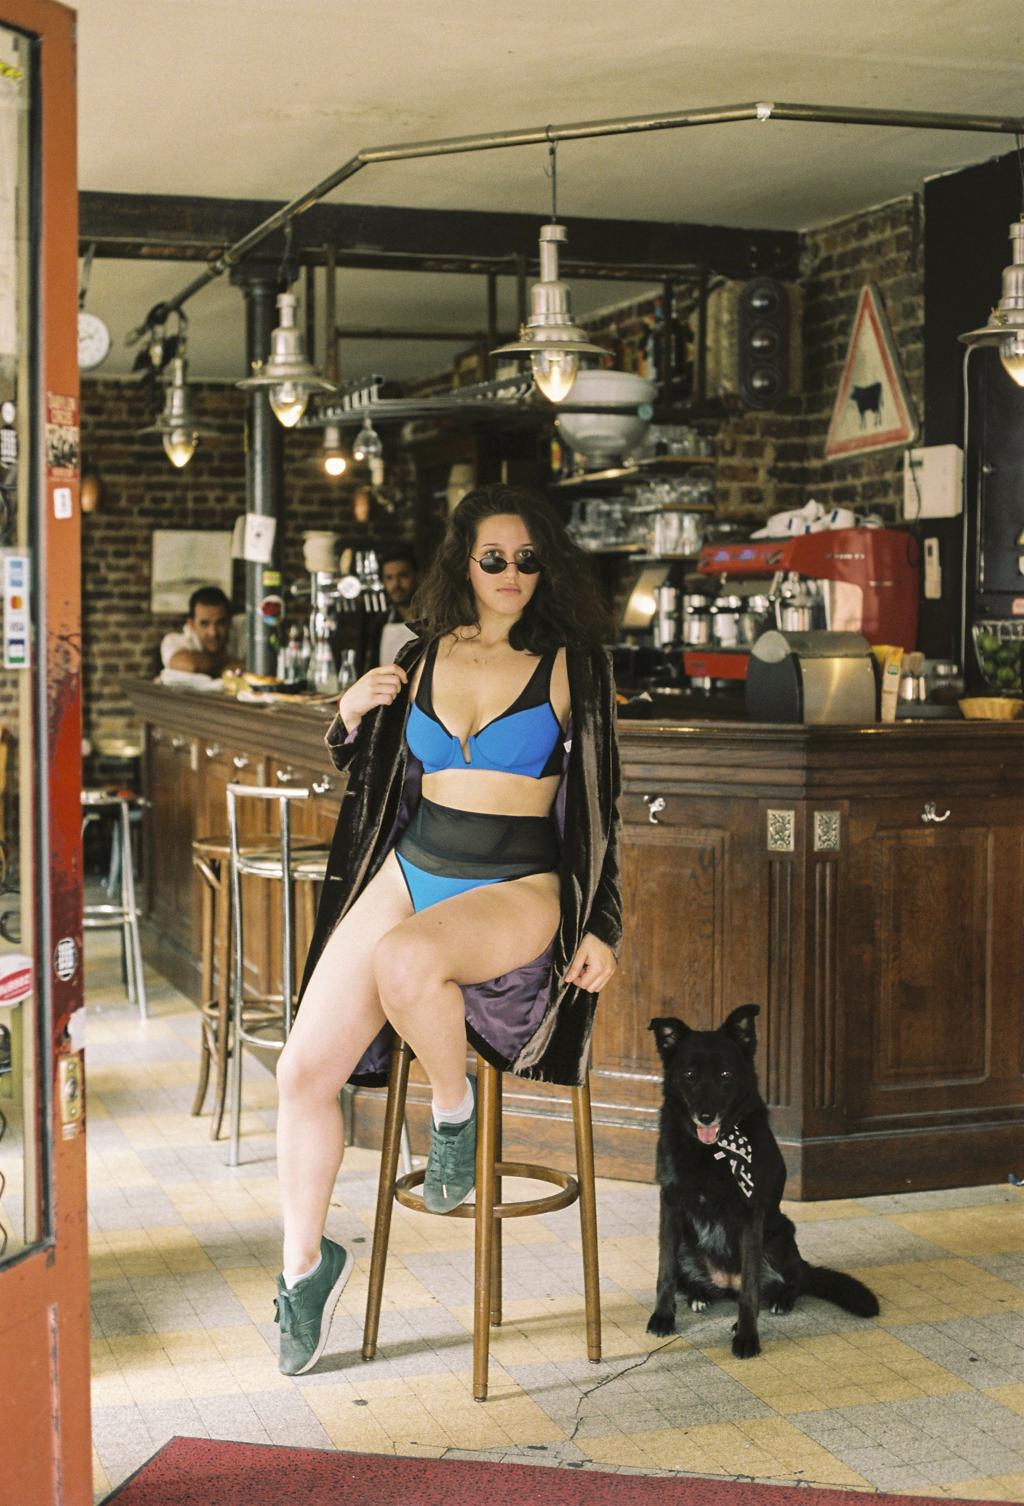 les rituelles lingerie eshop boutique opaak lingerie quotidienne31a.jpg